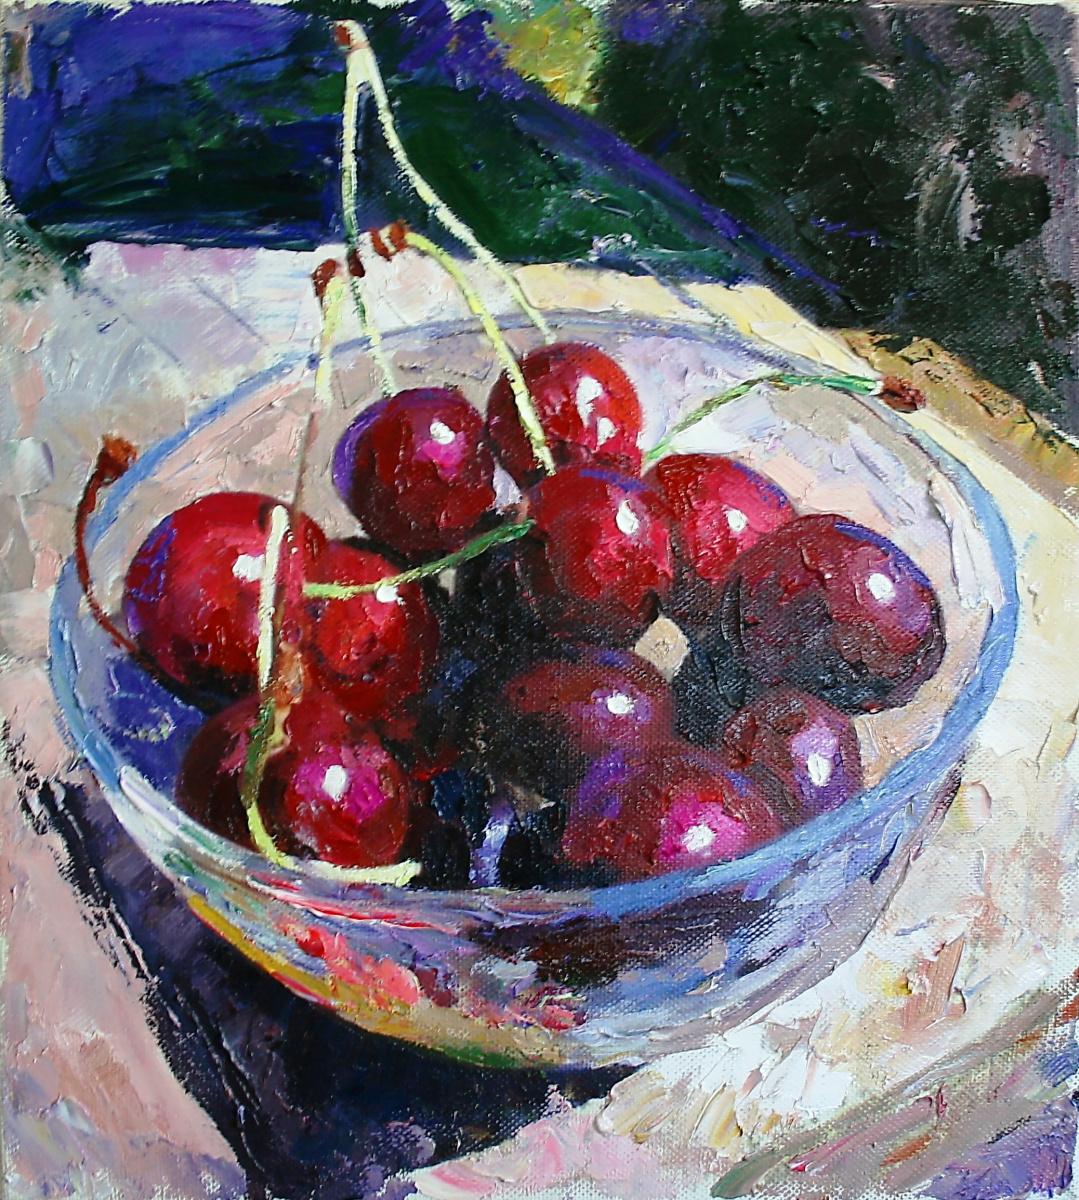 Михаил Рудник. Cherry 2